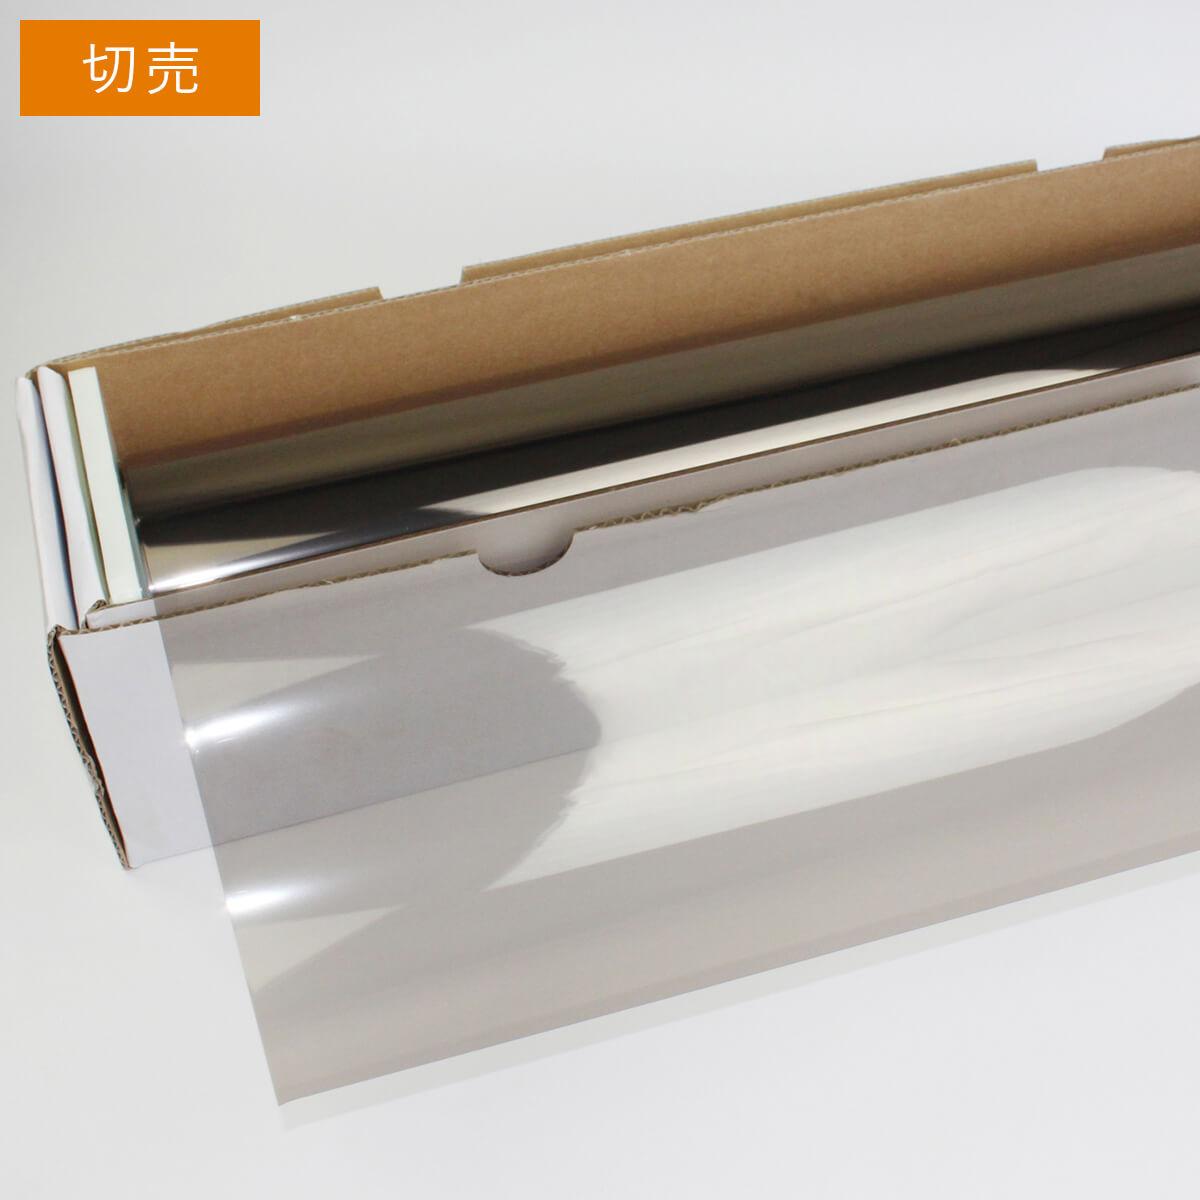 カーフィルム 窓ガラスフィルム SPブロンズメタル50(55%) 1m幅×長さ1m単位切売 遮熱フィルム 断熱フィルム UVカットフィルム ブレインテック Braintec